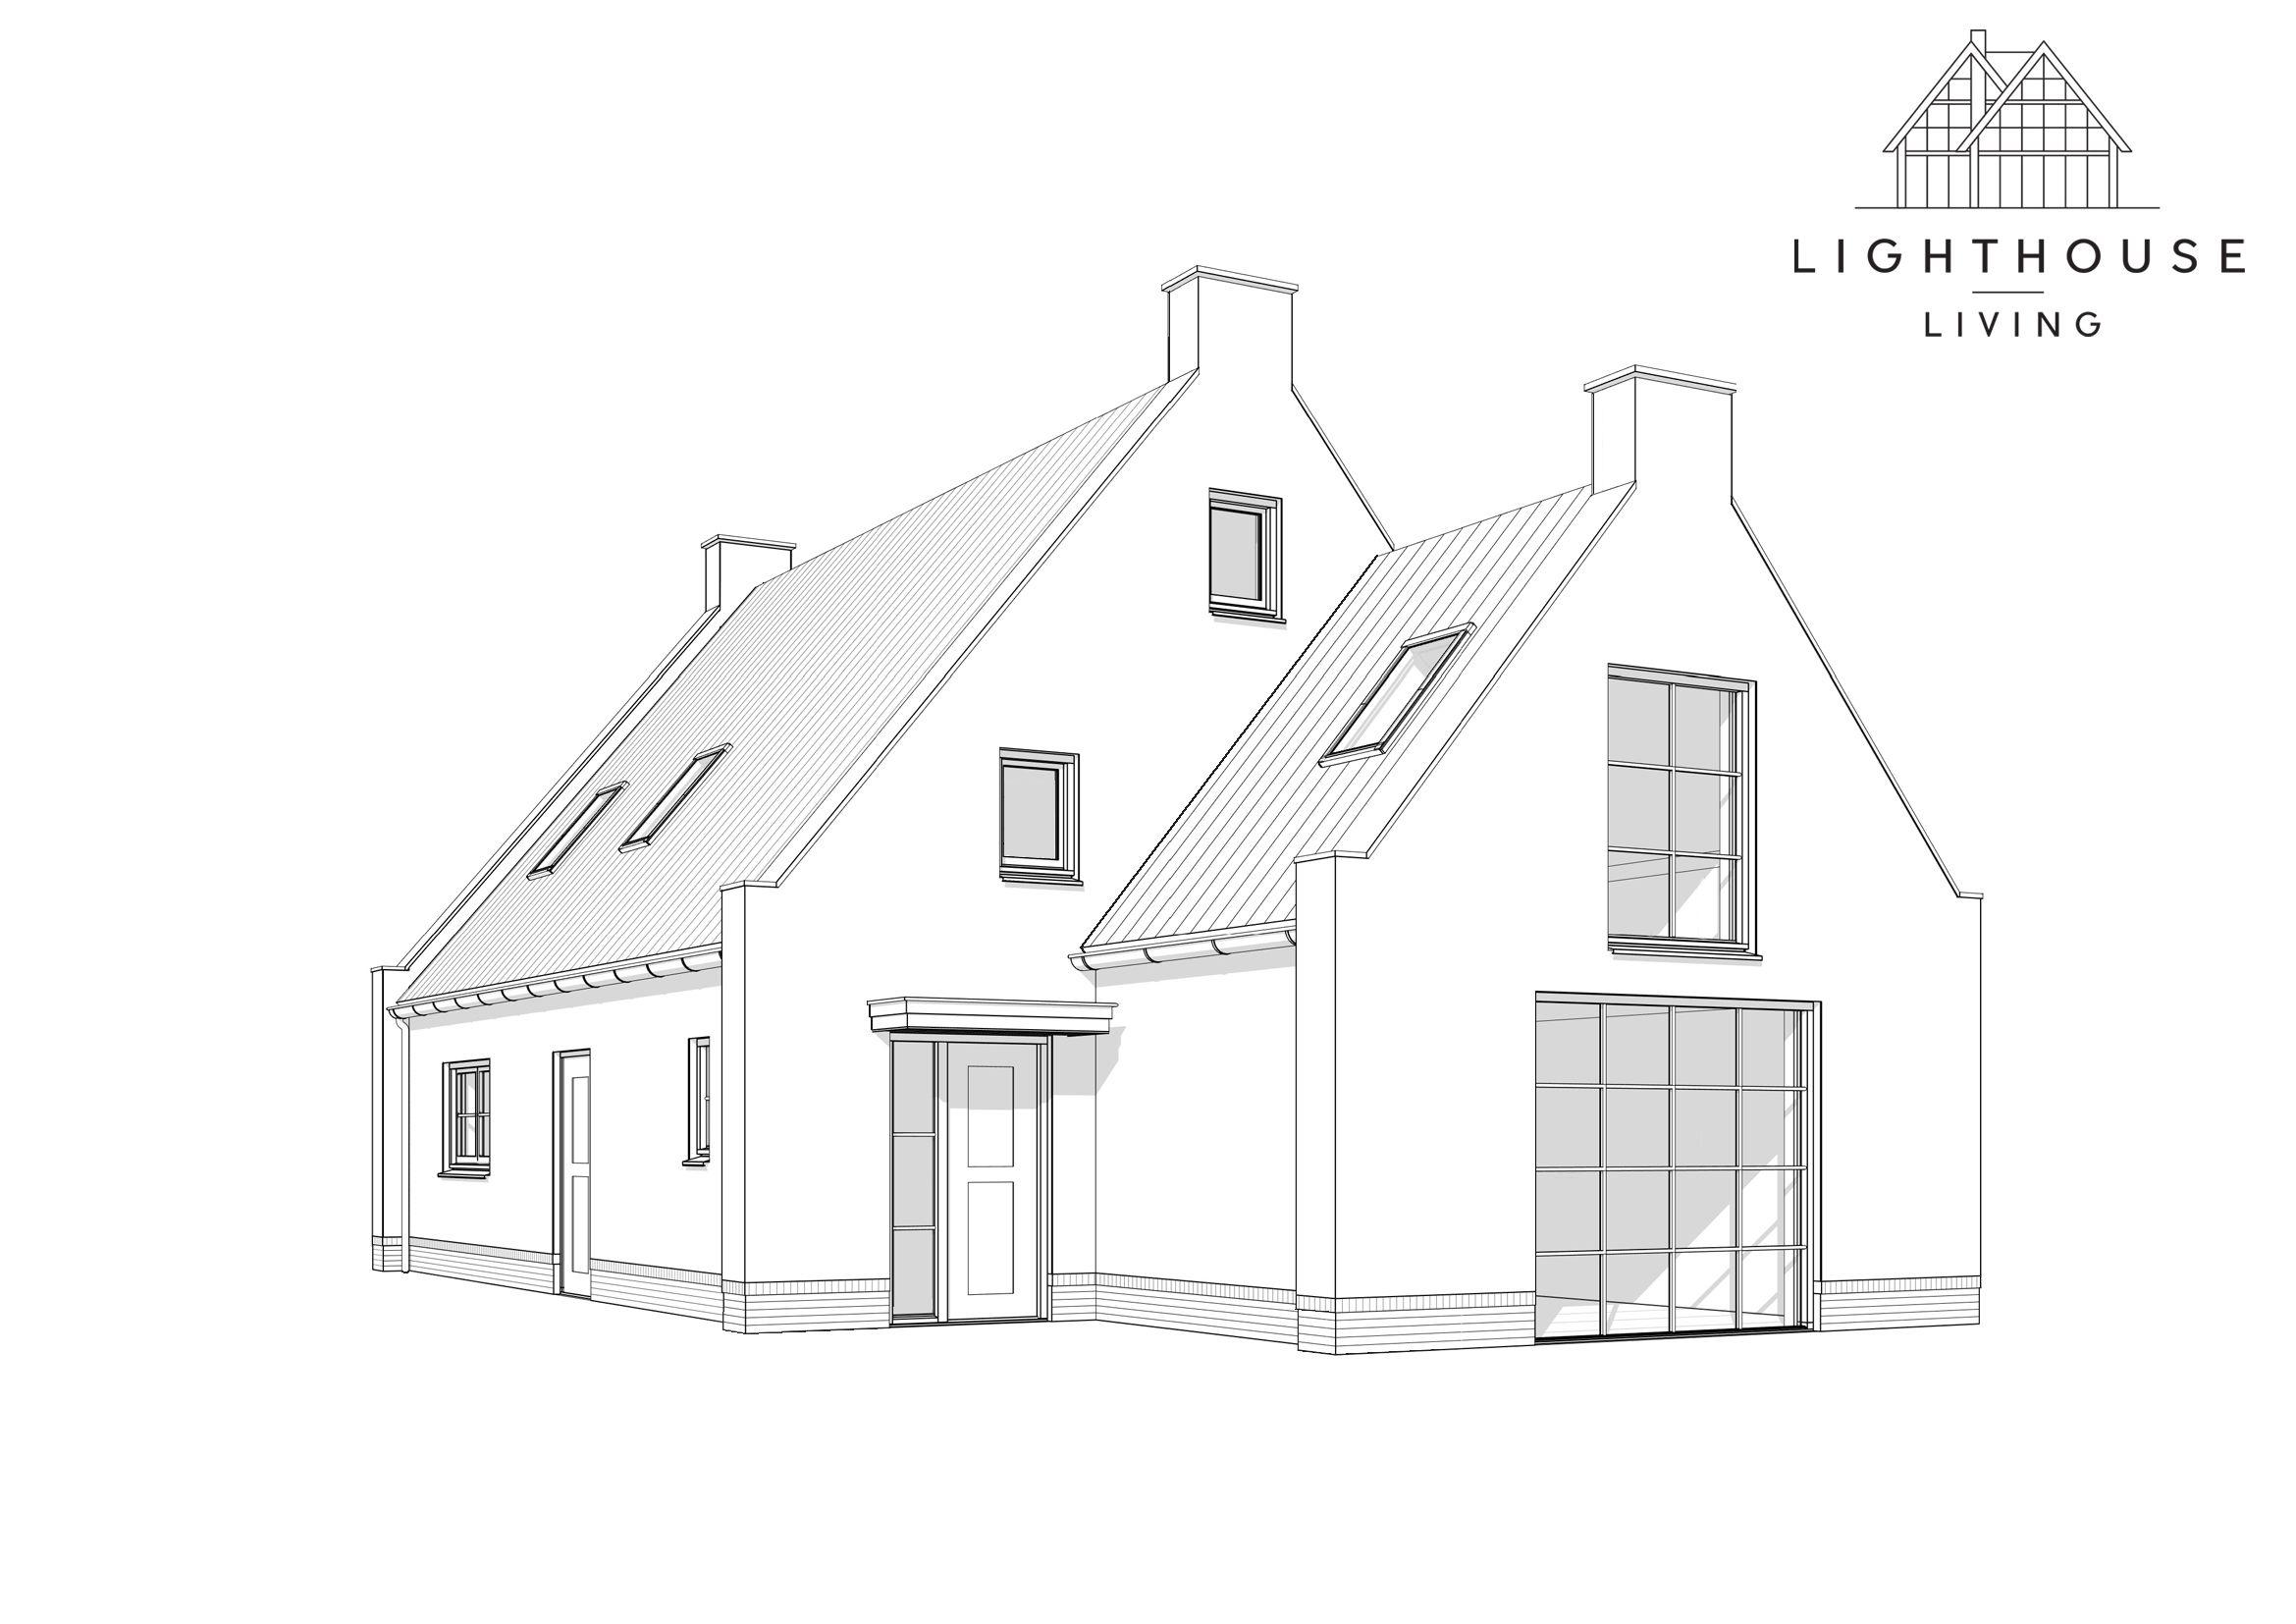 Bouw Je Eigen Droomhuis Met Lighthouse Living Zelfbouw Bouw Je Eigen Huis In 2021 Droomhuis Huis Tekenen Architectuur Huis